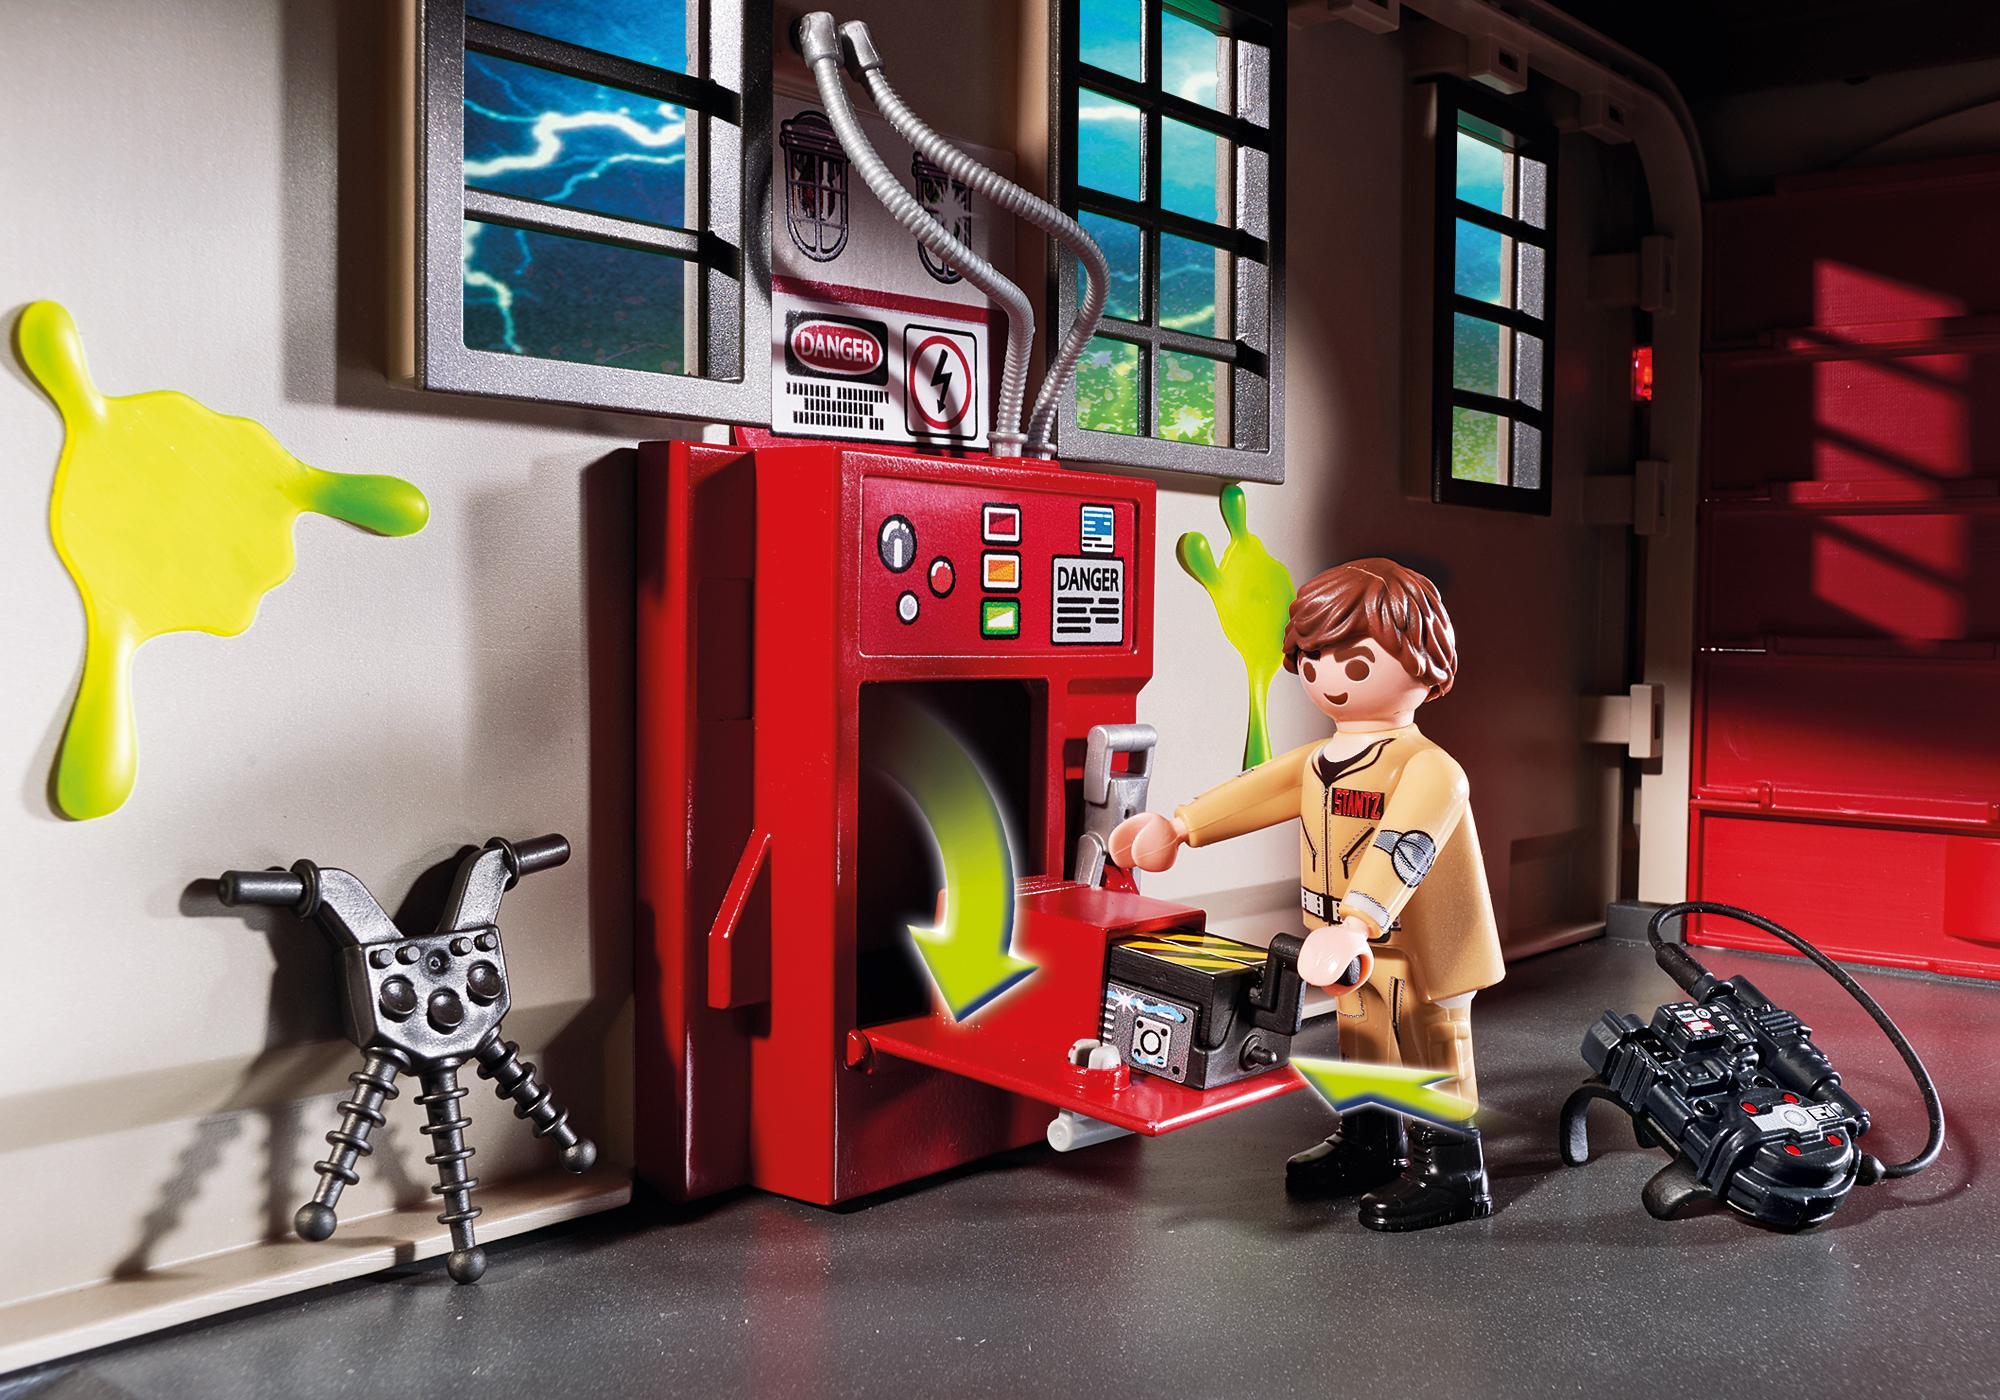 http://media.playmobil.com/i/playmobil/9219_product_extra4/Quartier Général Ghostbusters